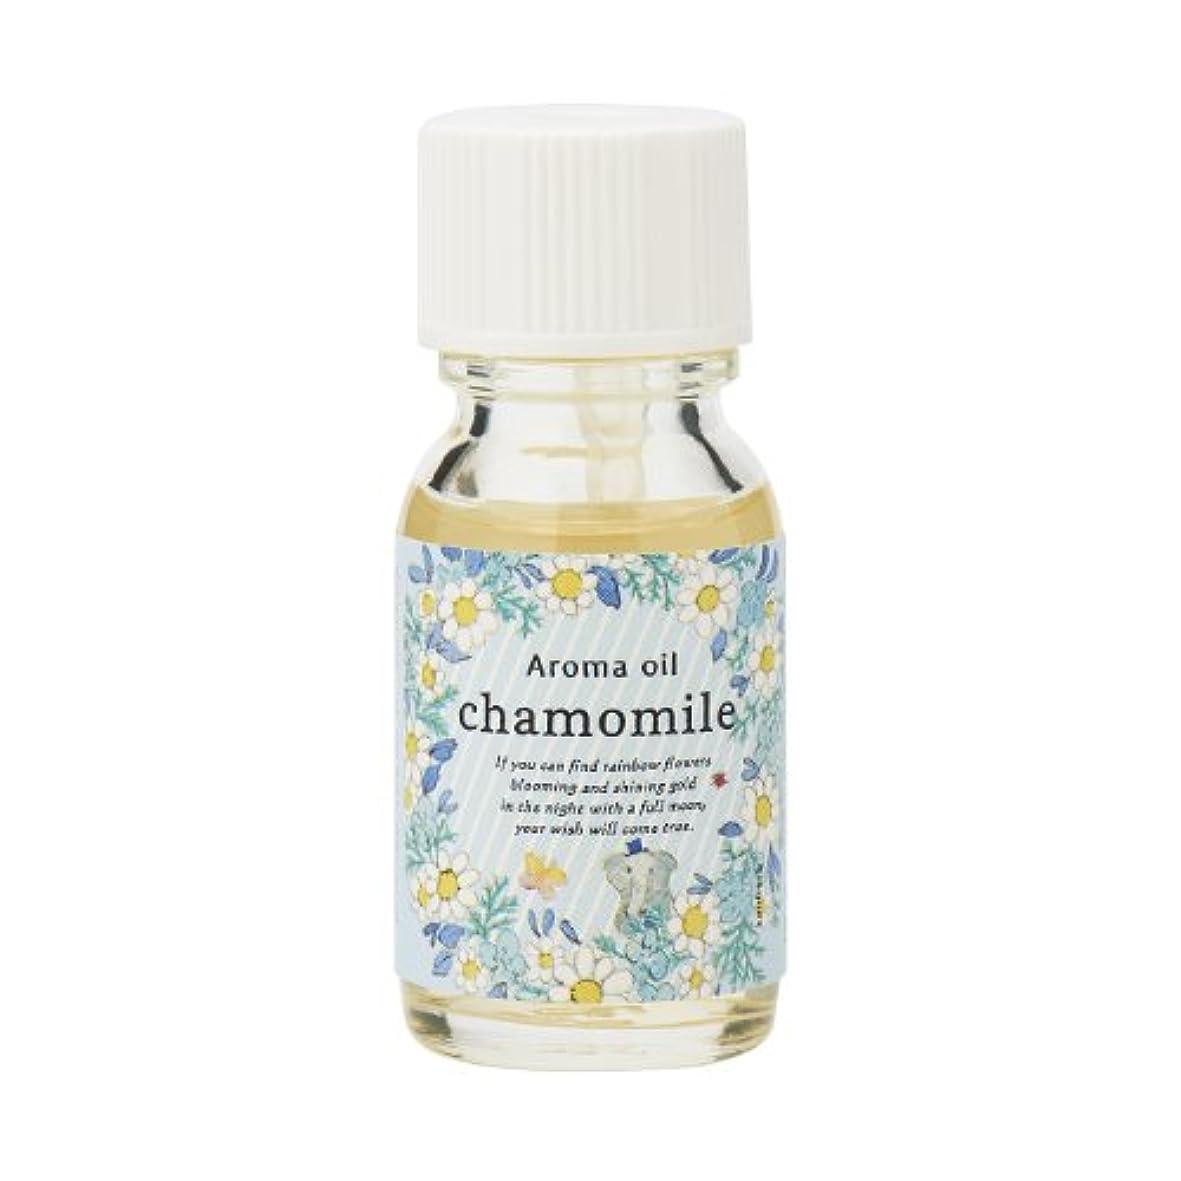 提供された交換可能蒸サンハーブ アロマオイル カモマイル 13ml(やさしく穏やかな甘い香り)